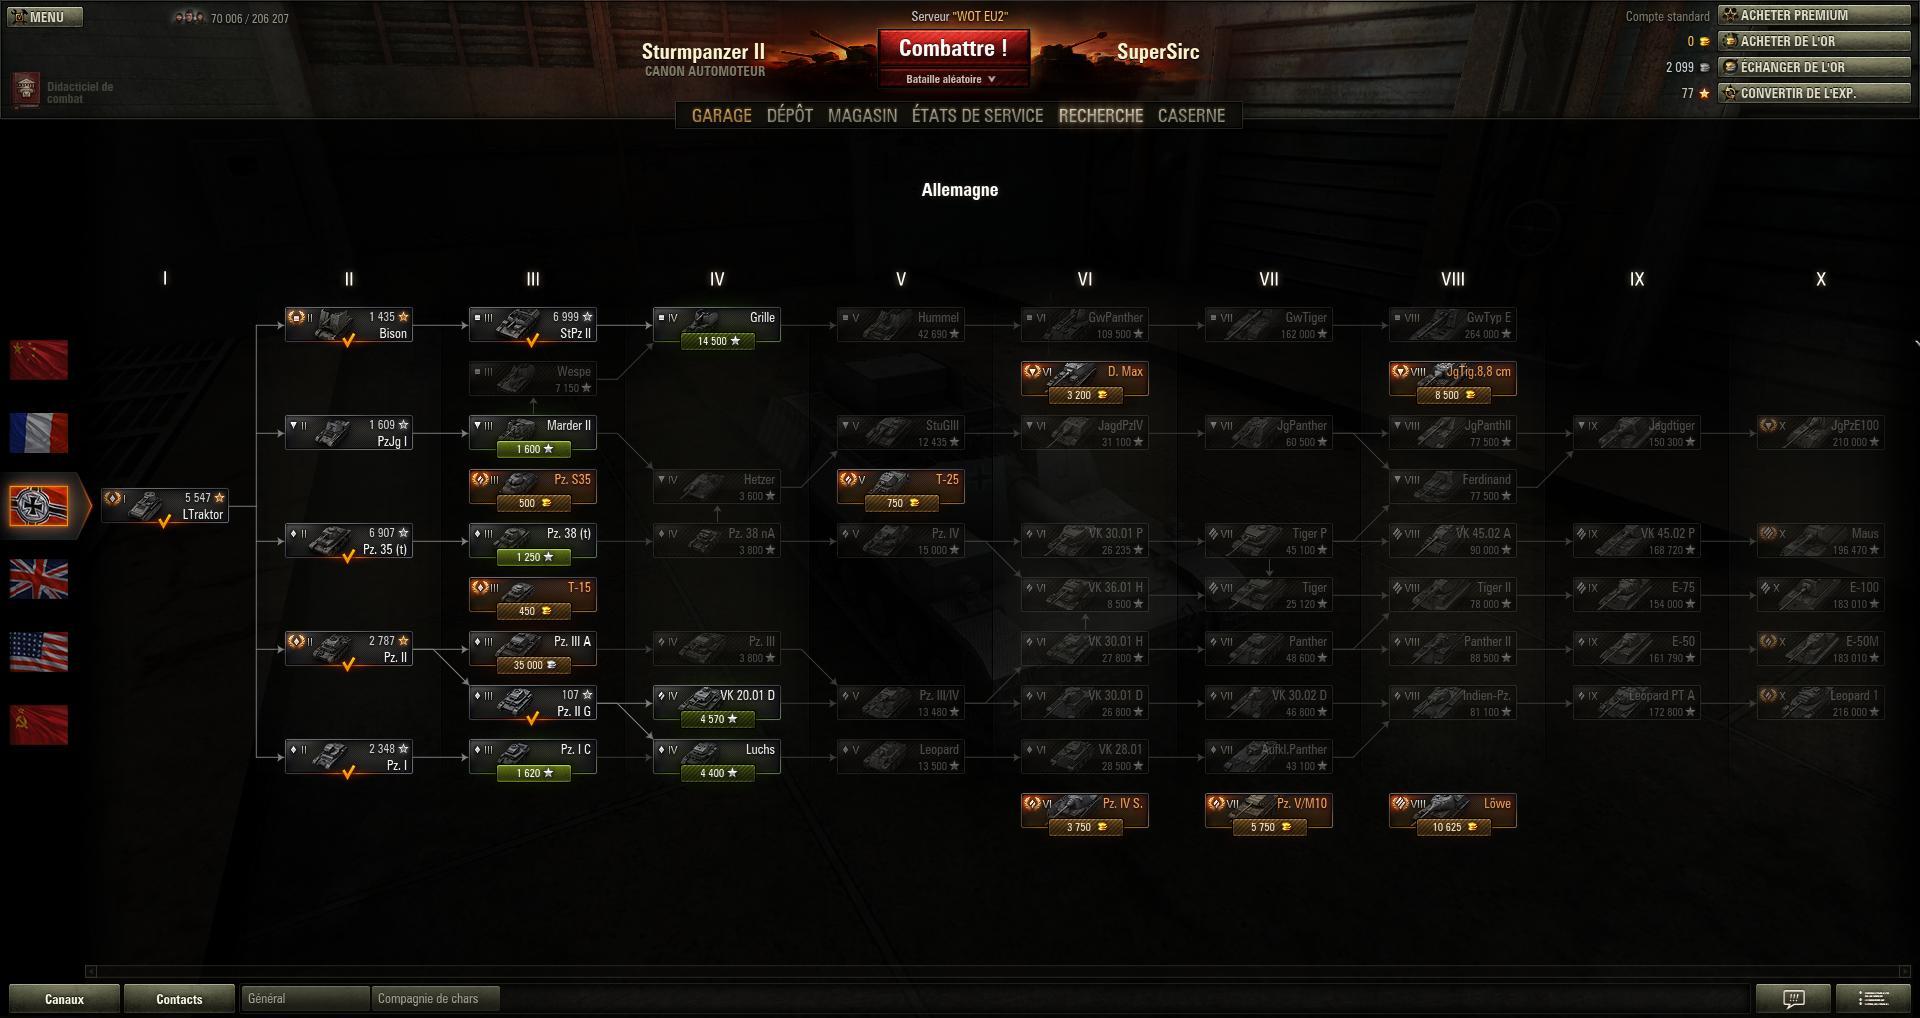 Le jeu World of Tanks est un jeu massivement multijoueur de simulation de chars de combat. Tous les tanks du jeu sont soit des modèles réels, soit des projets de chars en développement mais qui n'avait pas étés produits en masse. Il y a 5 catégories différentes de chars dans le jeu: chars légers...